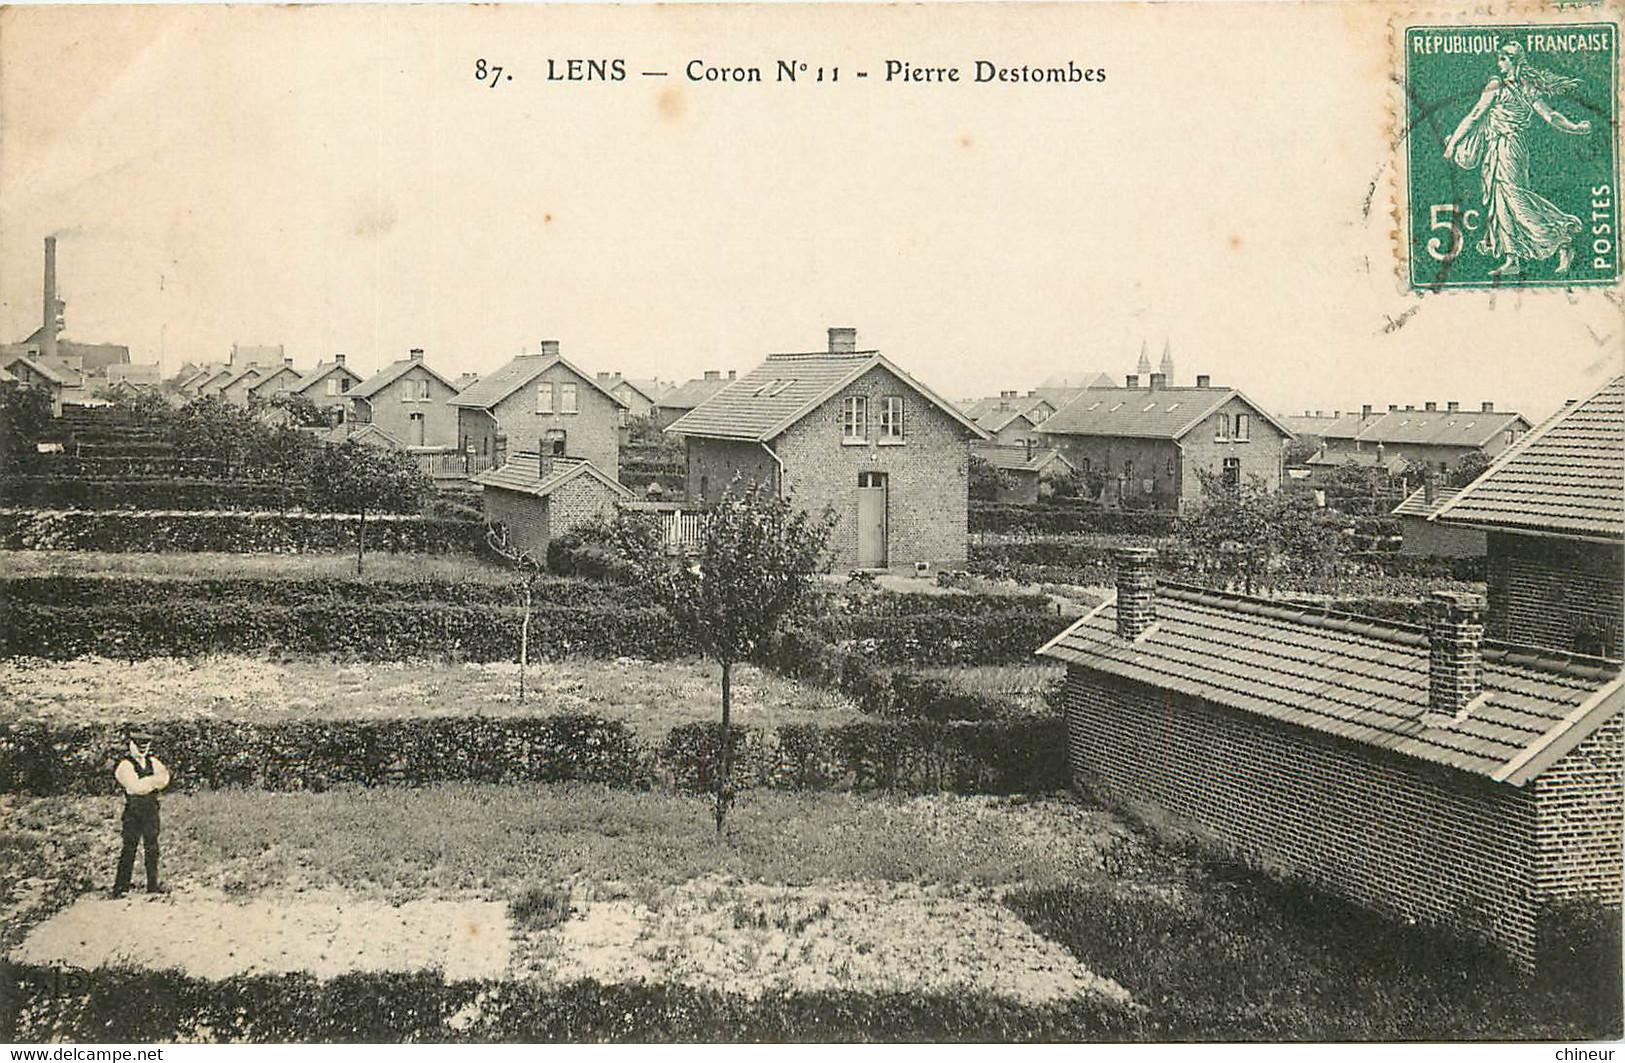 LENS CORONS N°11 PIERRE DESTOMBES - Lens